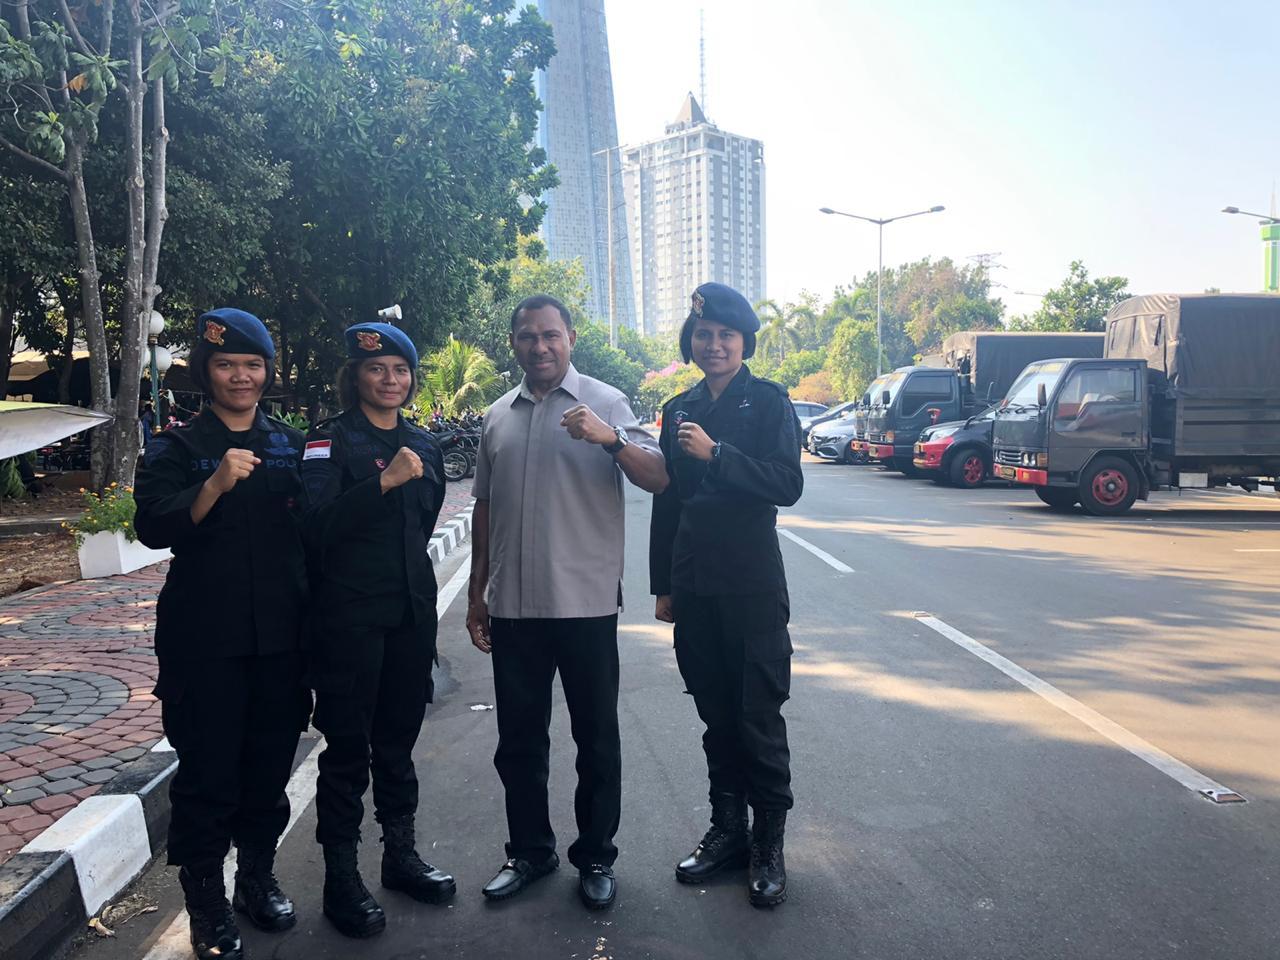 Wakapolda NTT Kunjungi Anggota Brimob BKO PMJ